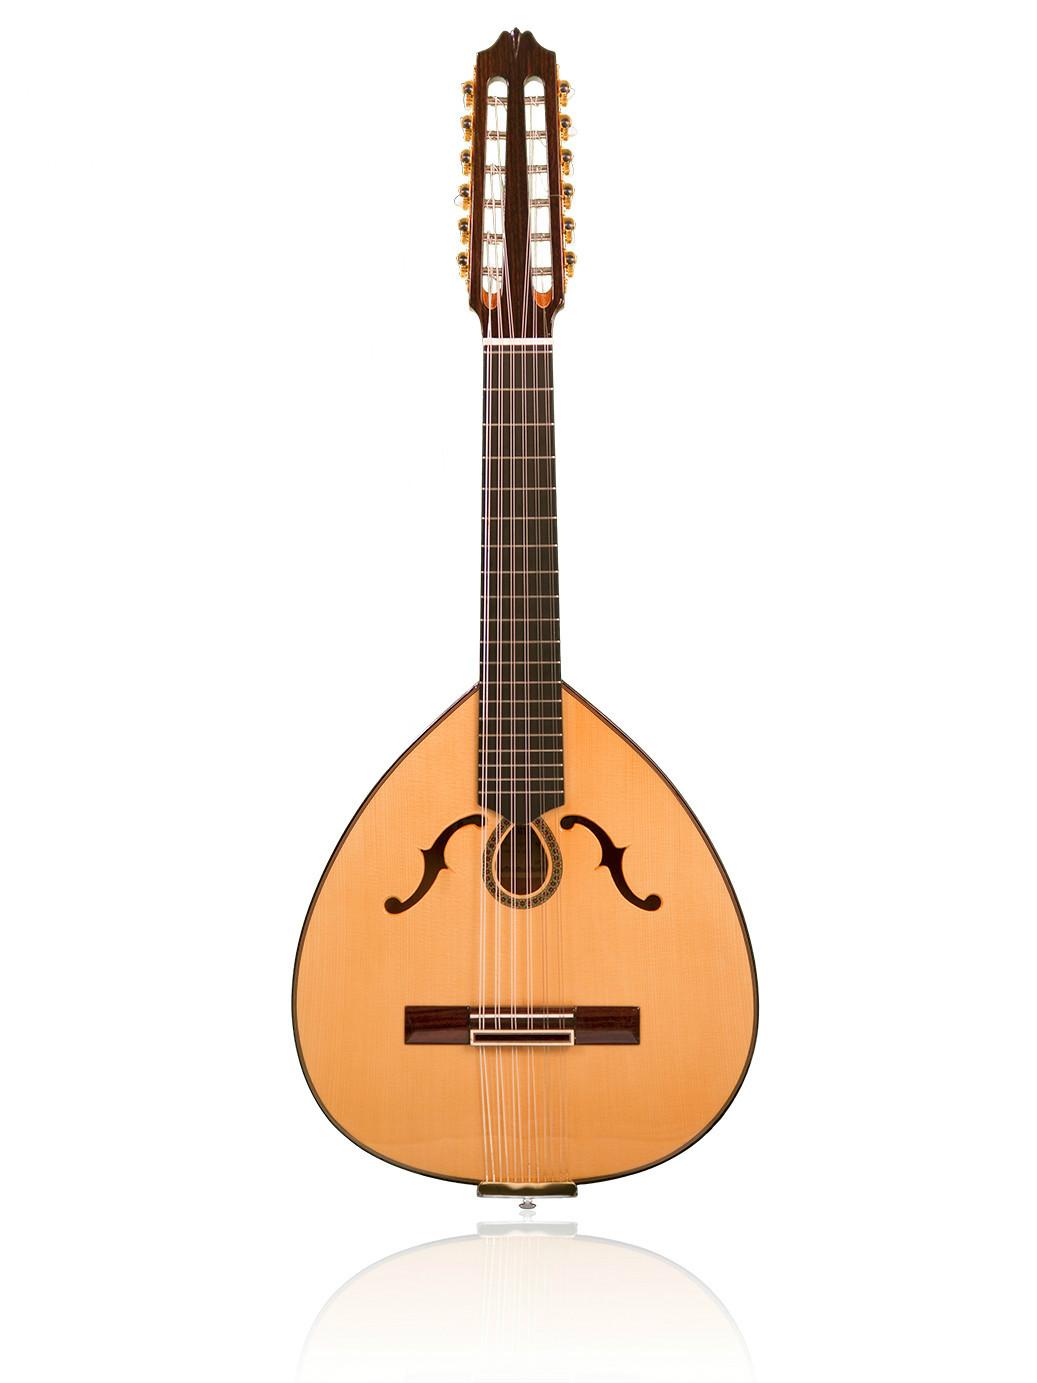 La  guitarra española y el laúd, dos instrumentos de cuerda